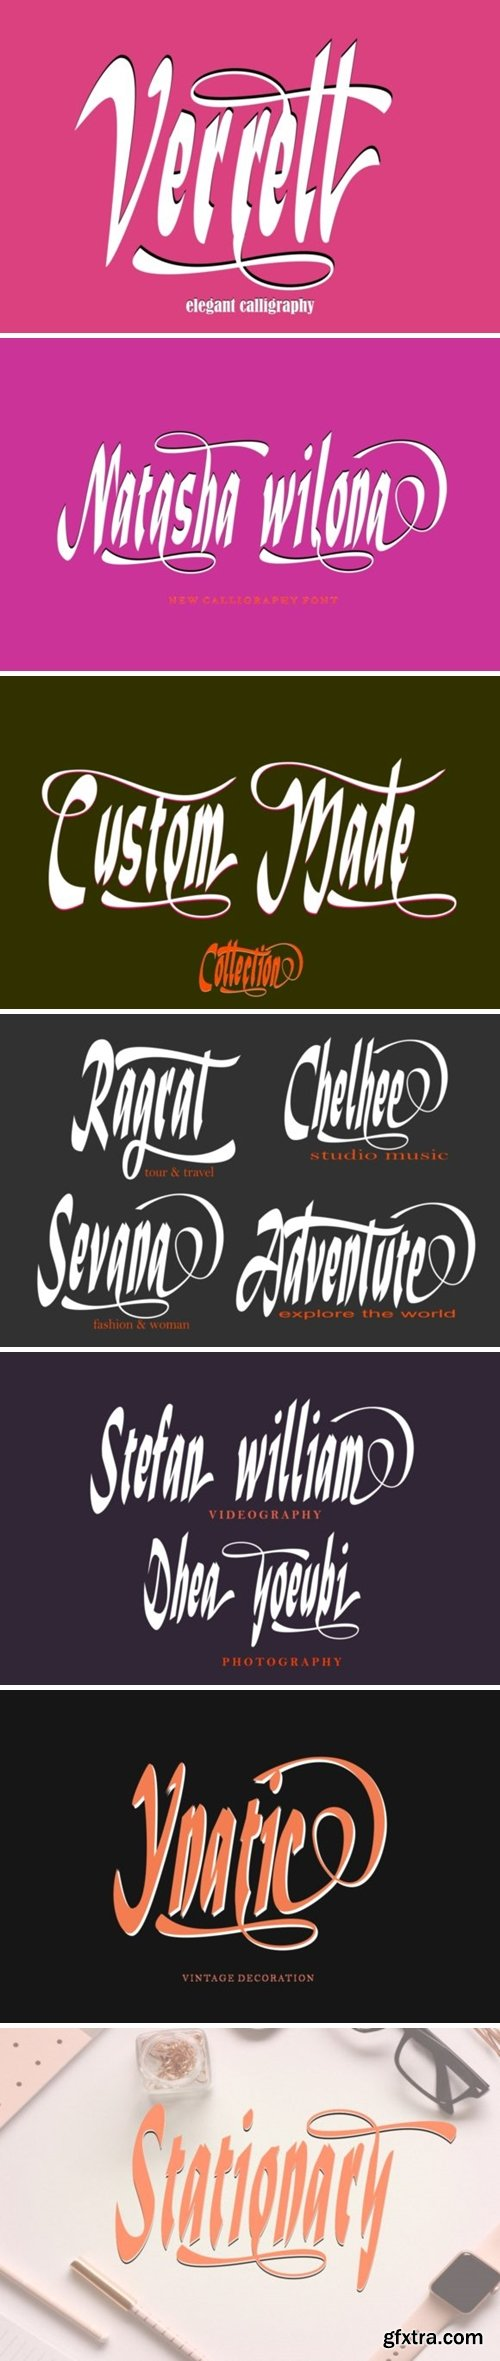 Verrell Font